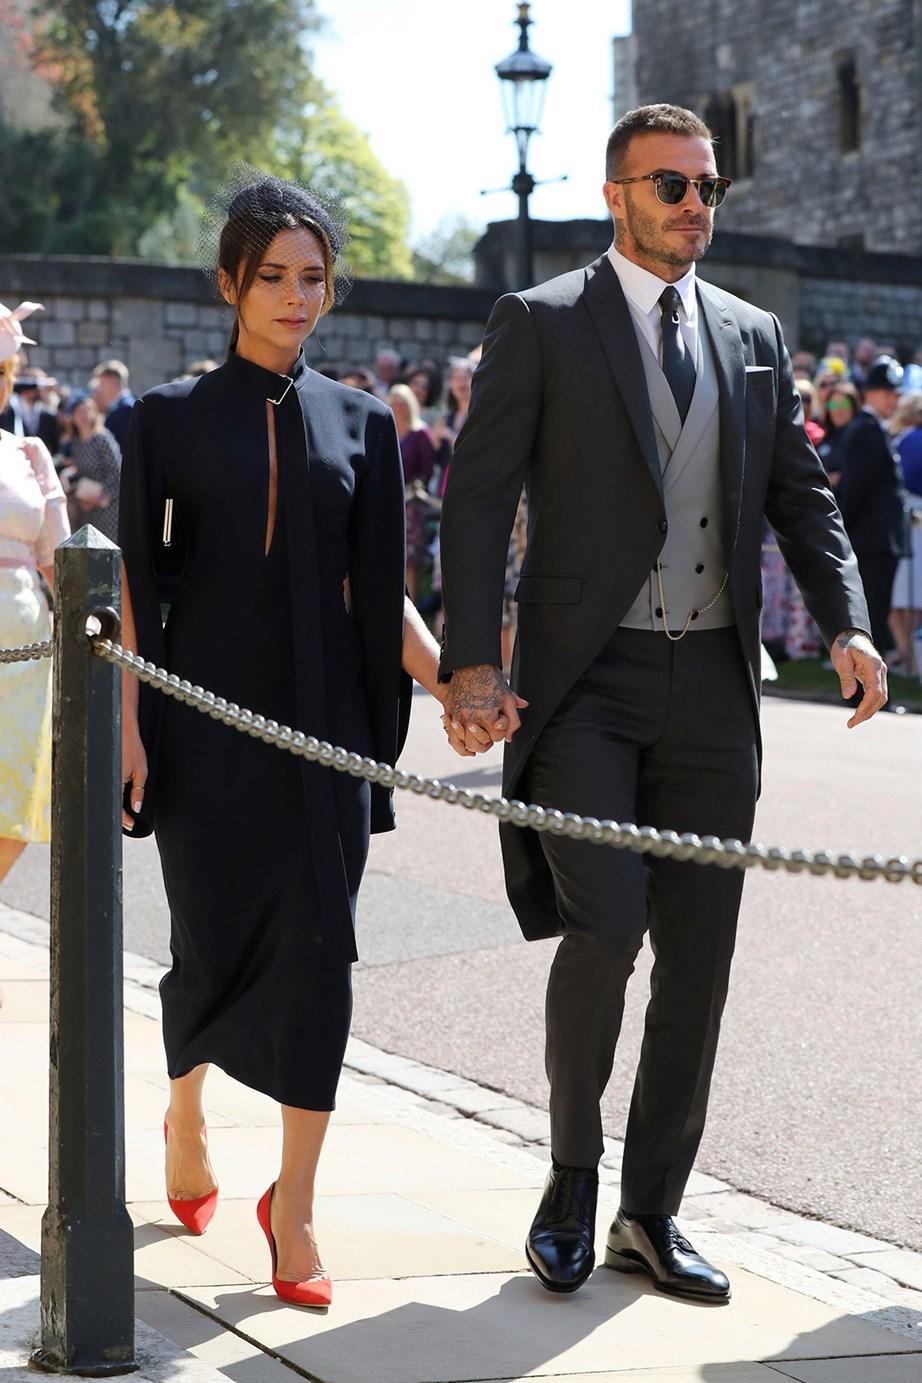 David and Victoria Beckham at the royal wedding.